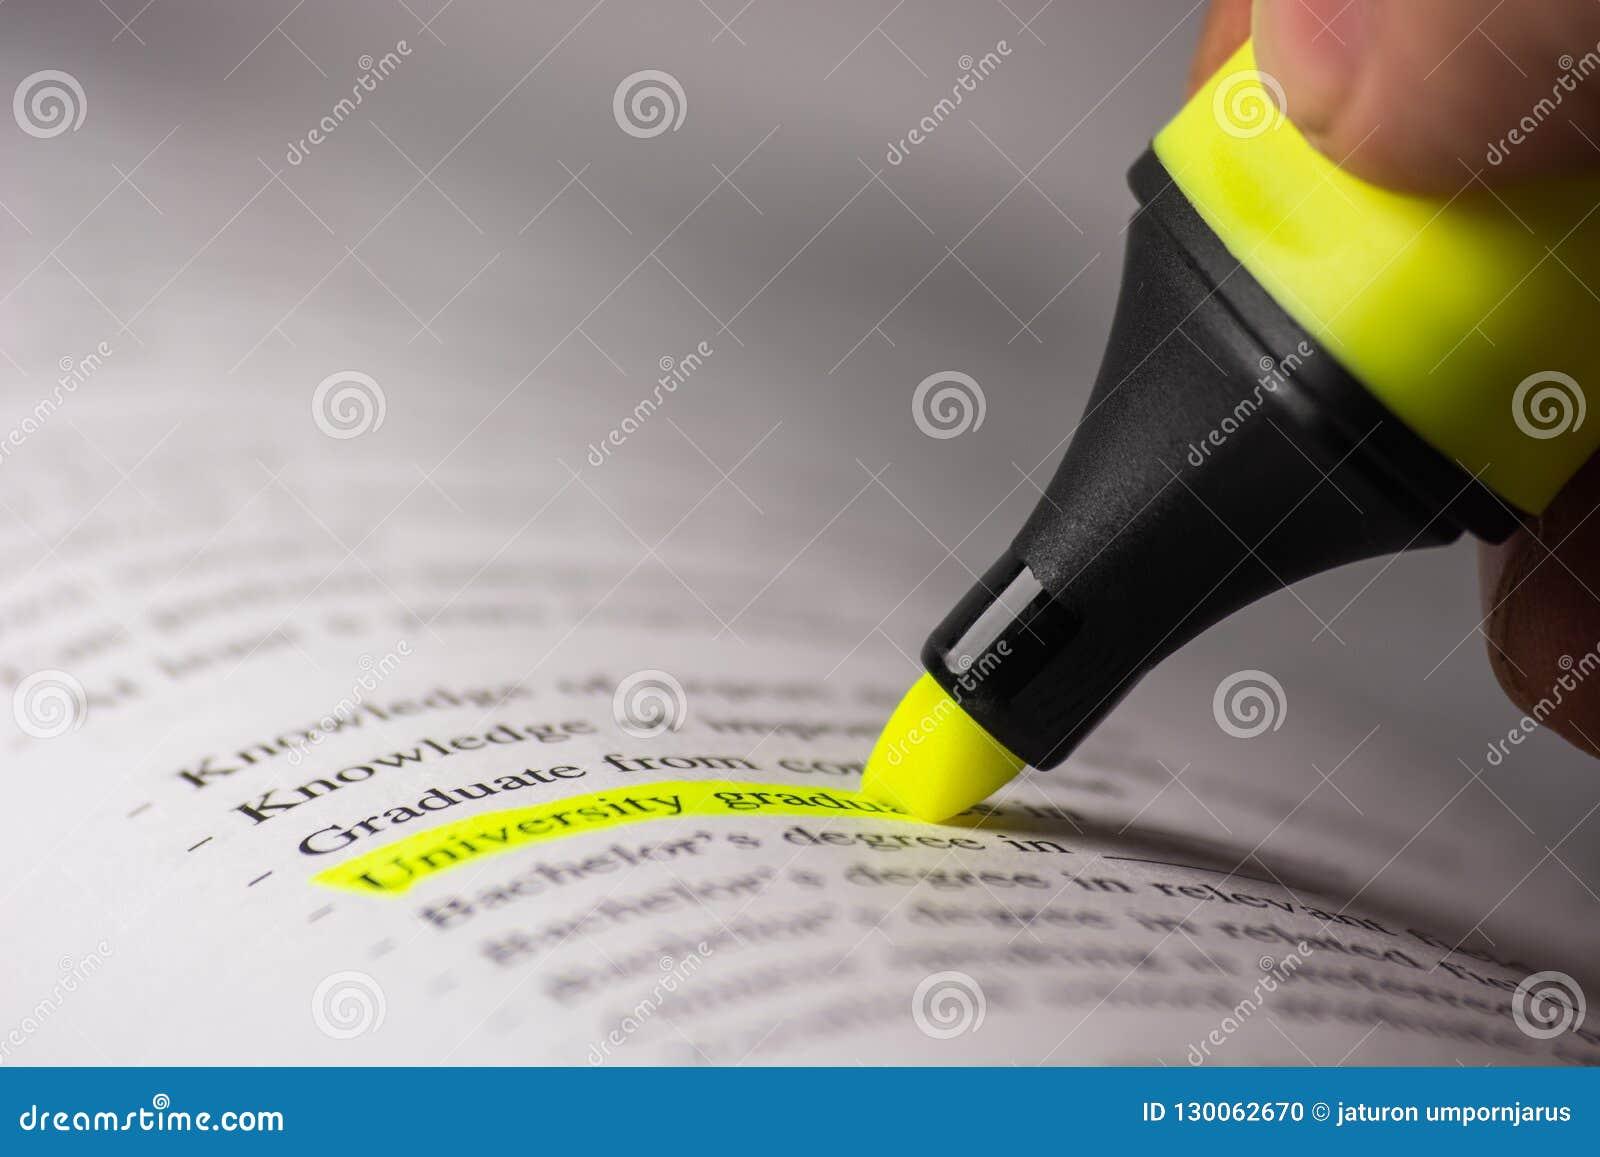 Самое интересное, чтение, образование, чтение человека и выделить его чертенка